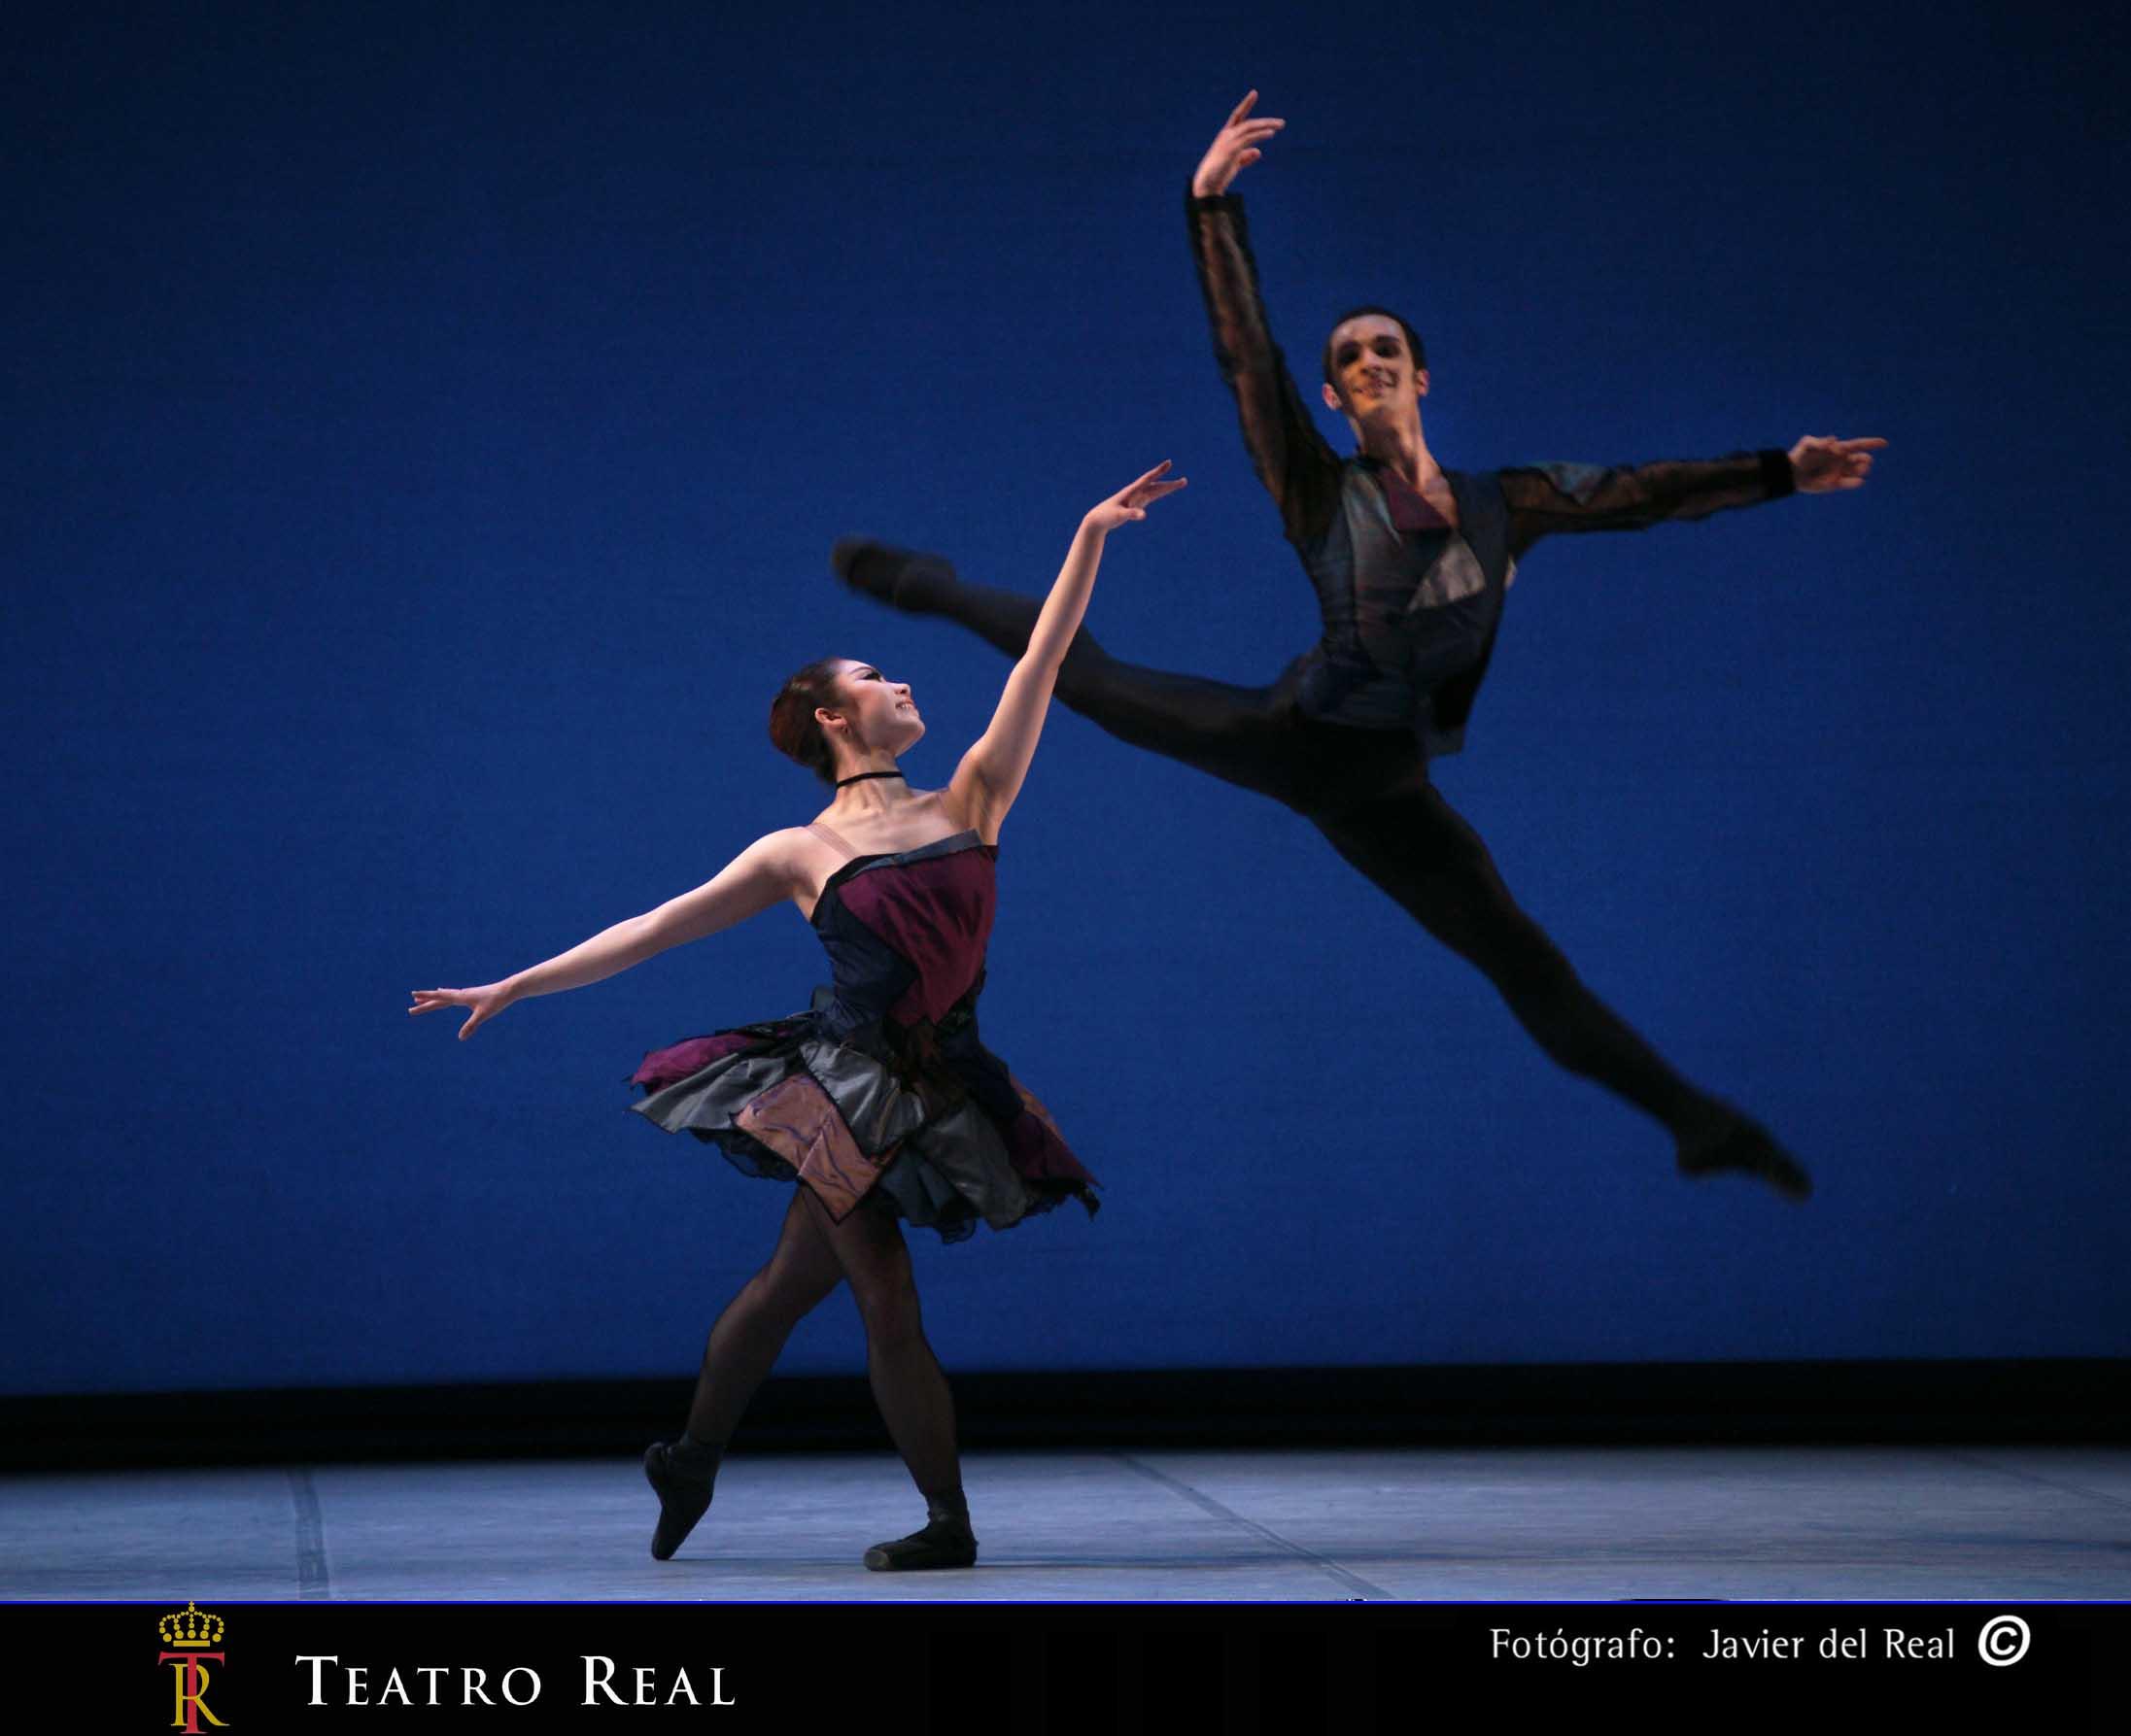 Flojo debut clásico de la Compañía Nacional de Danza